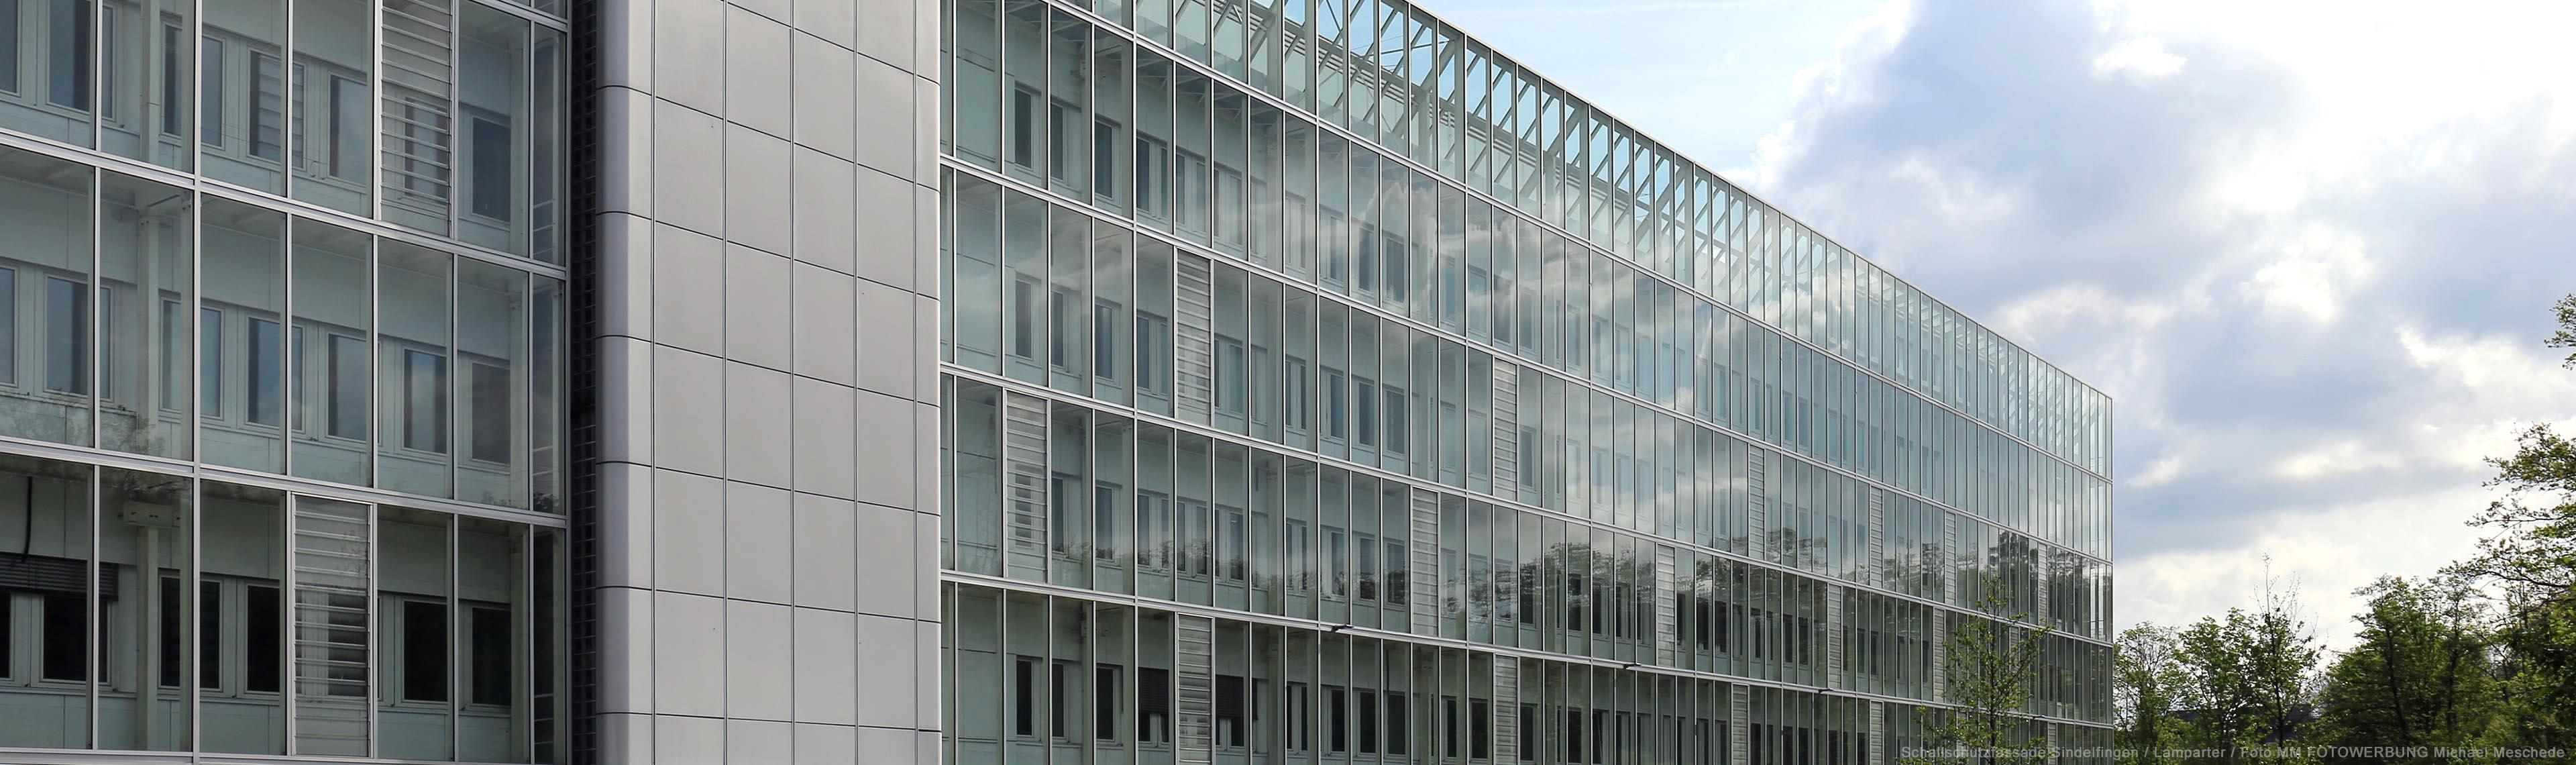 Sindelfingen verglaste Schallschutzfassade. Schallschutz Fassade aus Stahl und Glas.